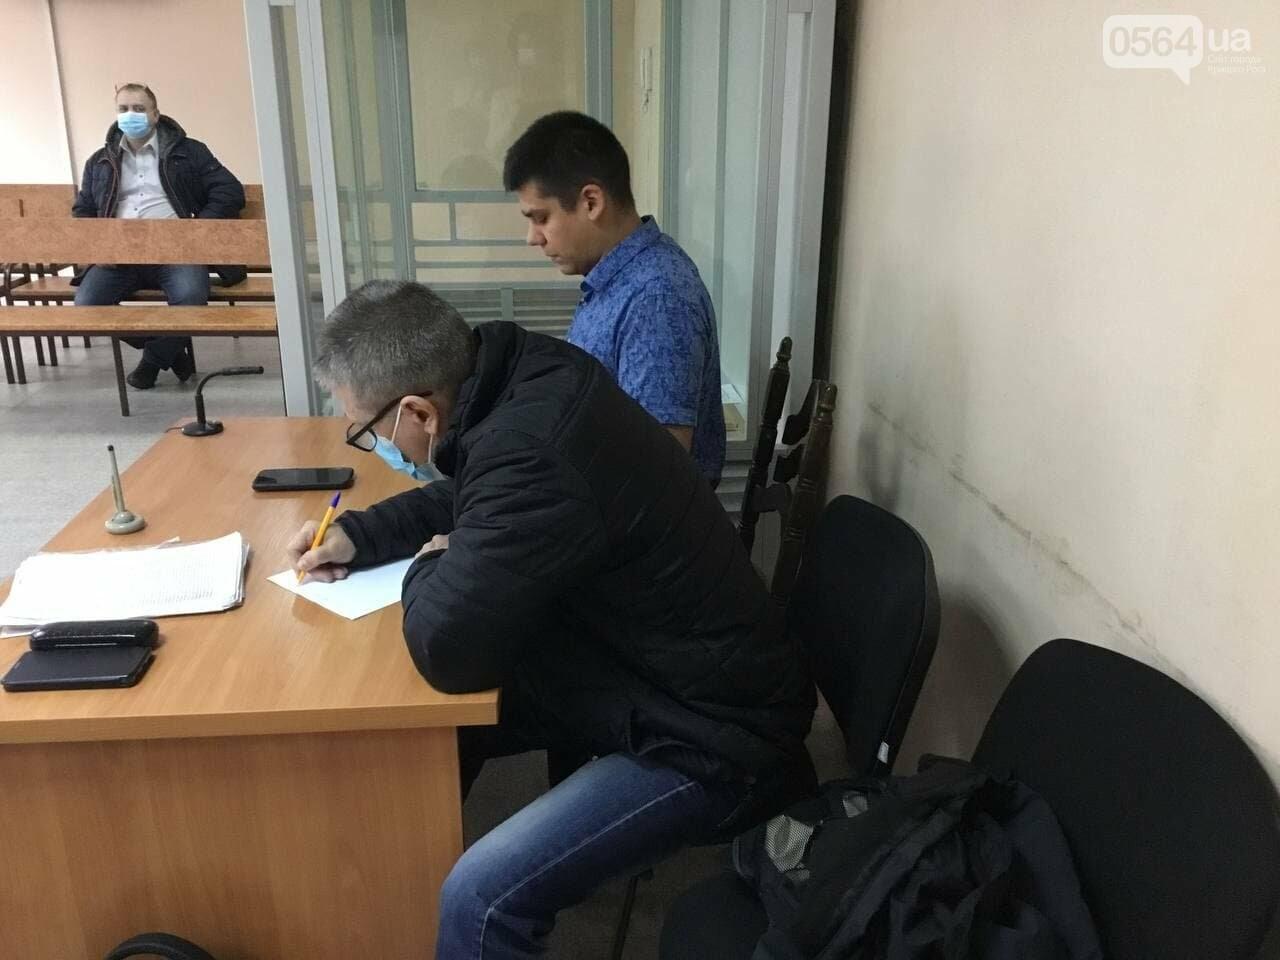 В суде по делу о конфликте между криворожским активистом и муниципальным гвардейцем допросили одного из свидетелей, - ФОТО, ВИДЕО, фото-7